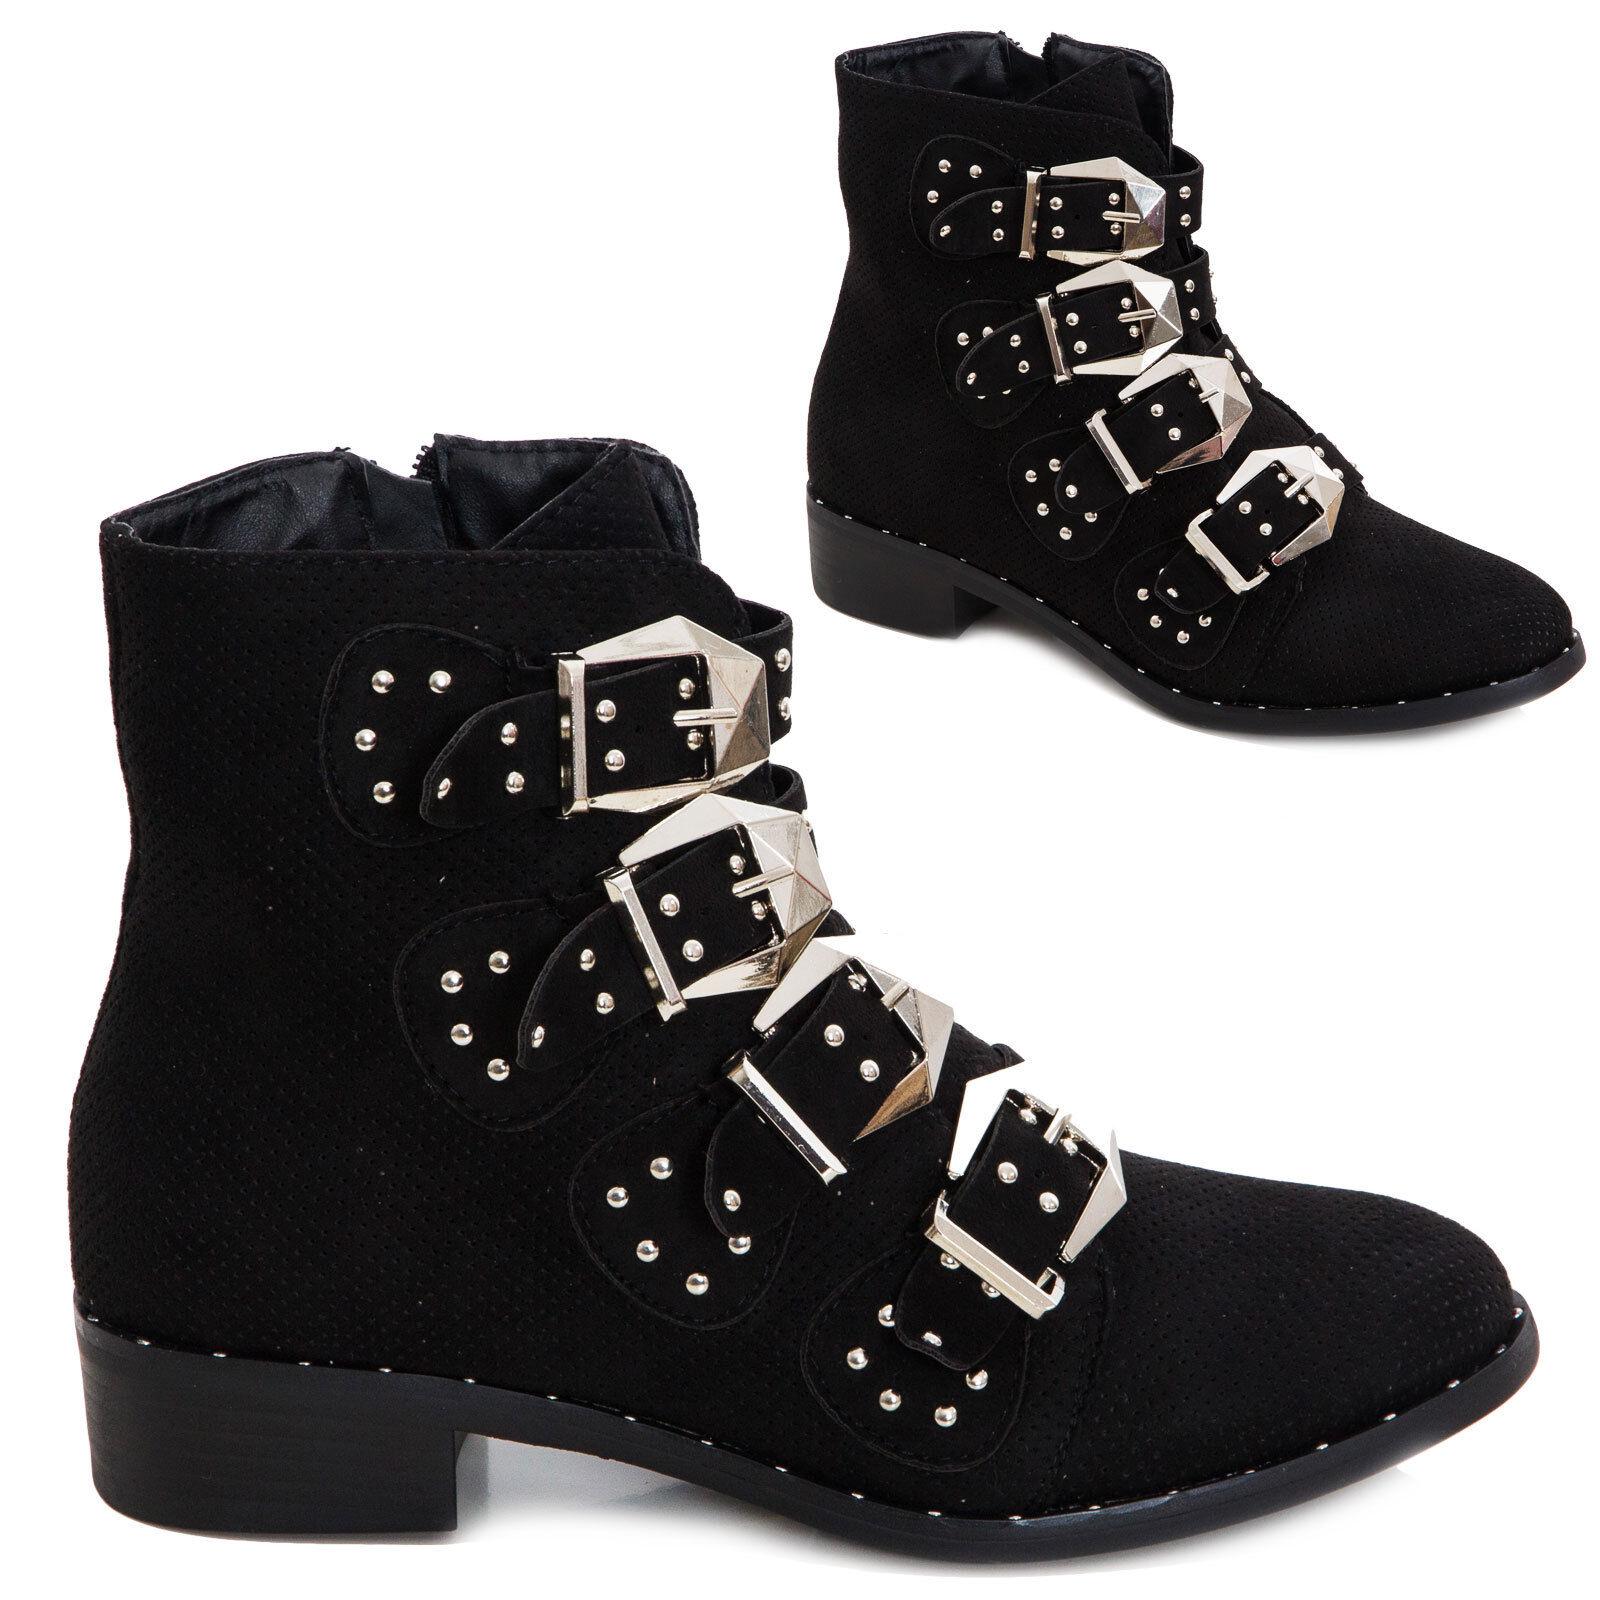 Bottes femme chaussures bottines à gros talon bottes de motard clous boucles